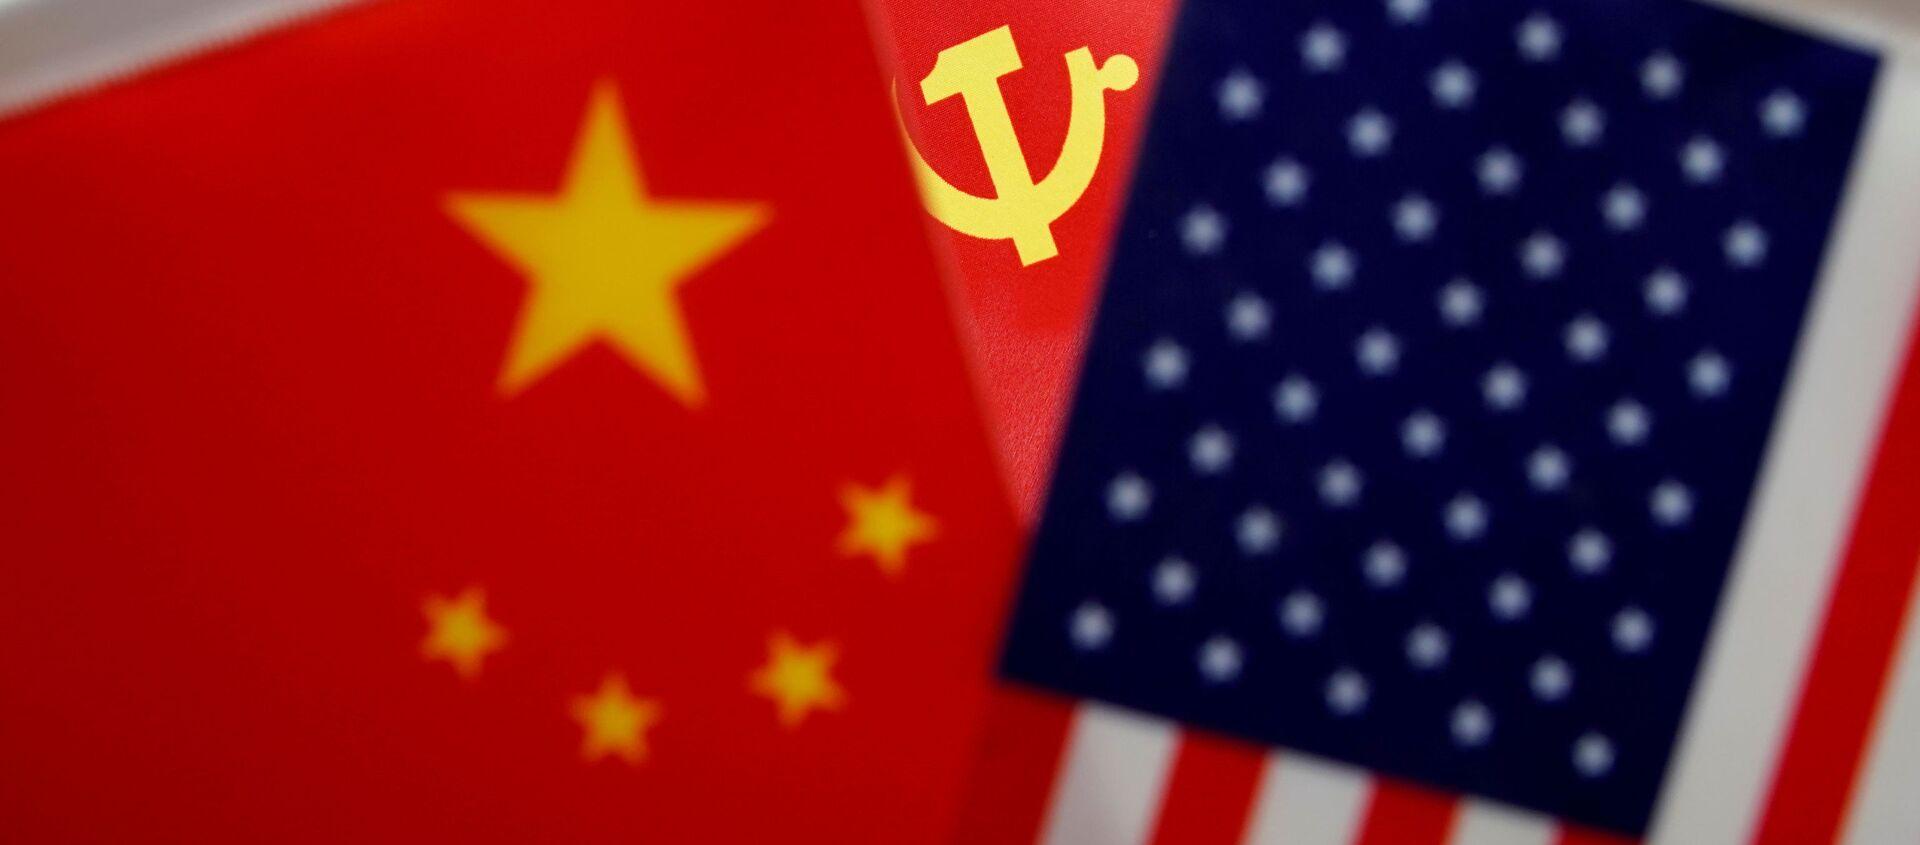 Las banderas de China, el partido comunista chino y EEUU - Sputnik Mundo, 1920, 18.01.2021